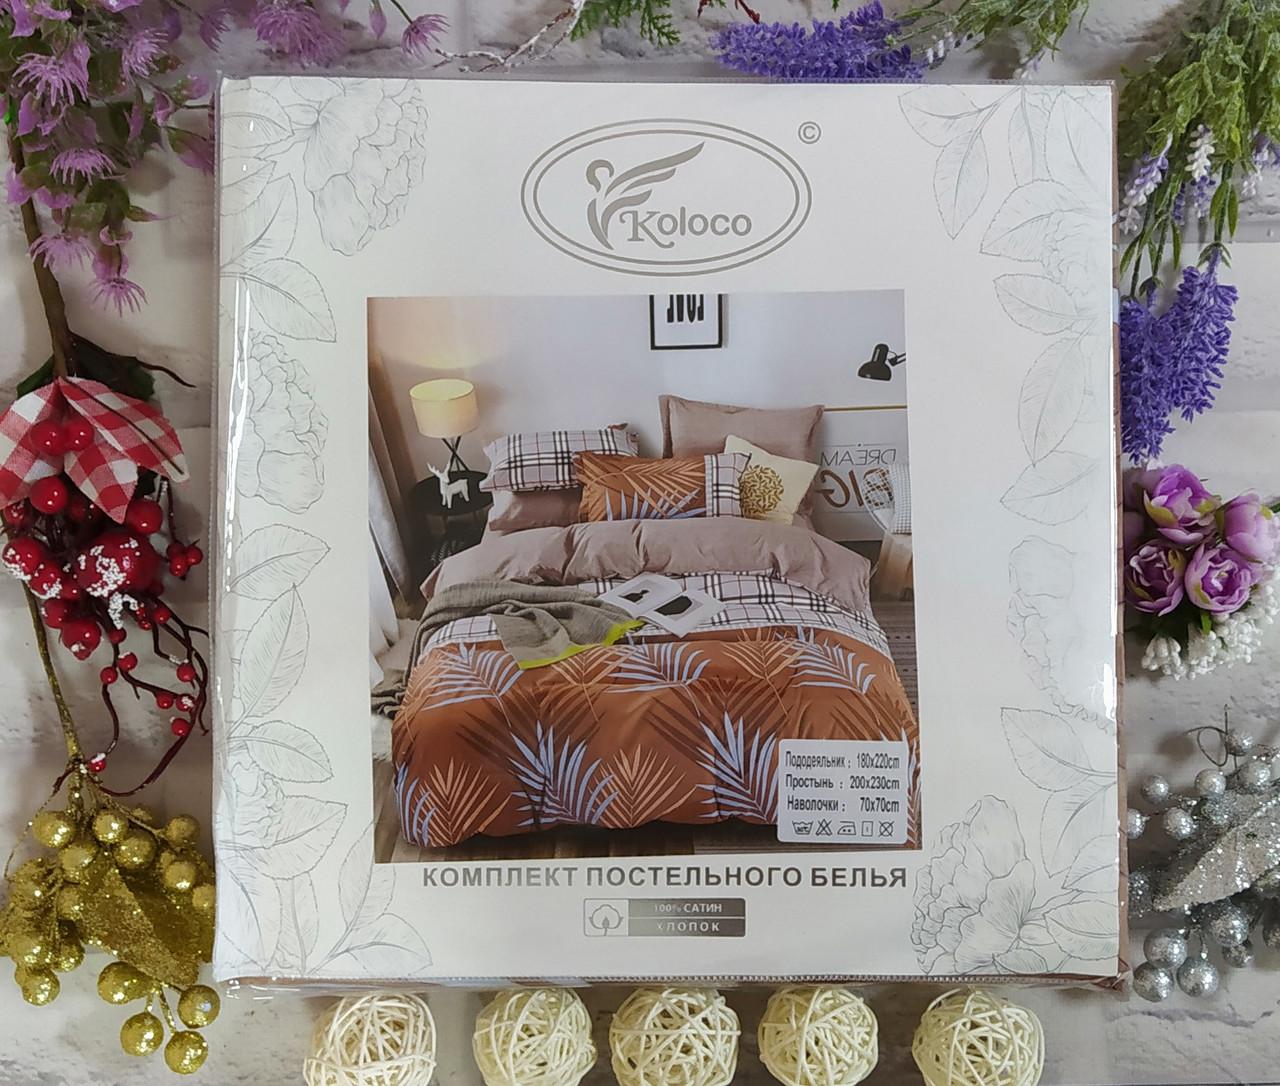 Евро комплект постельного белья сатин комбинированное Турция Koloco